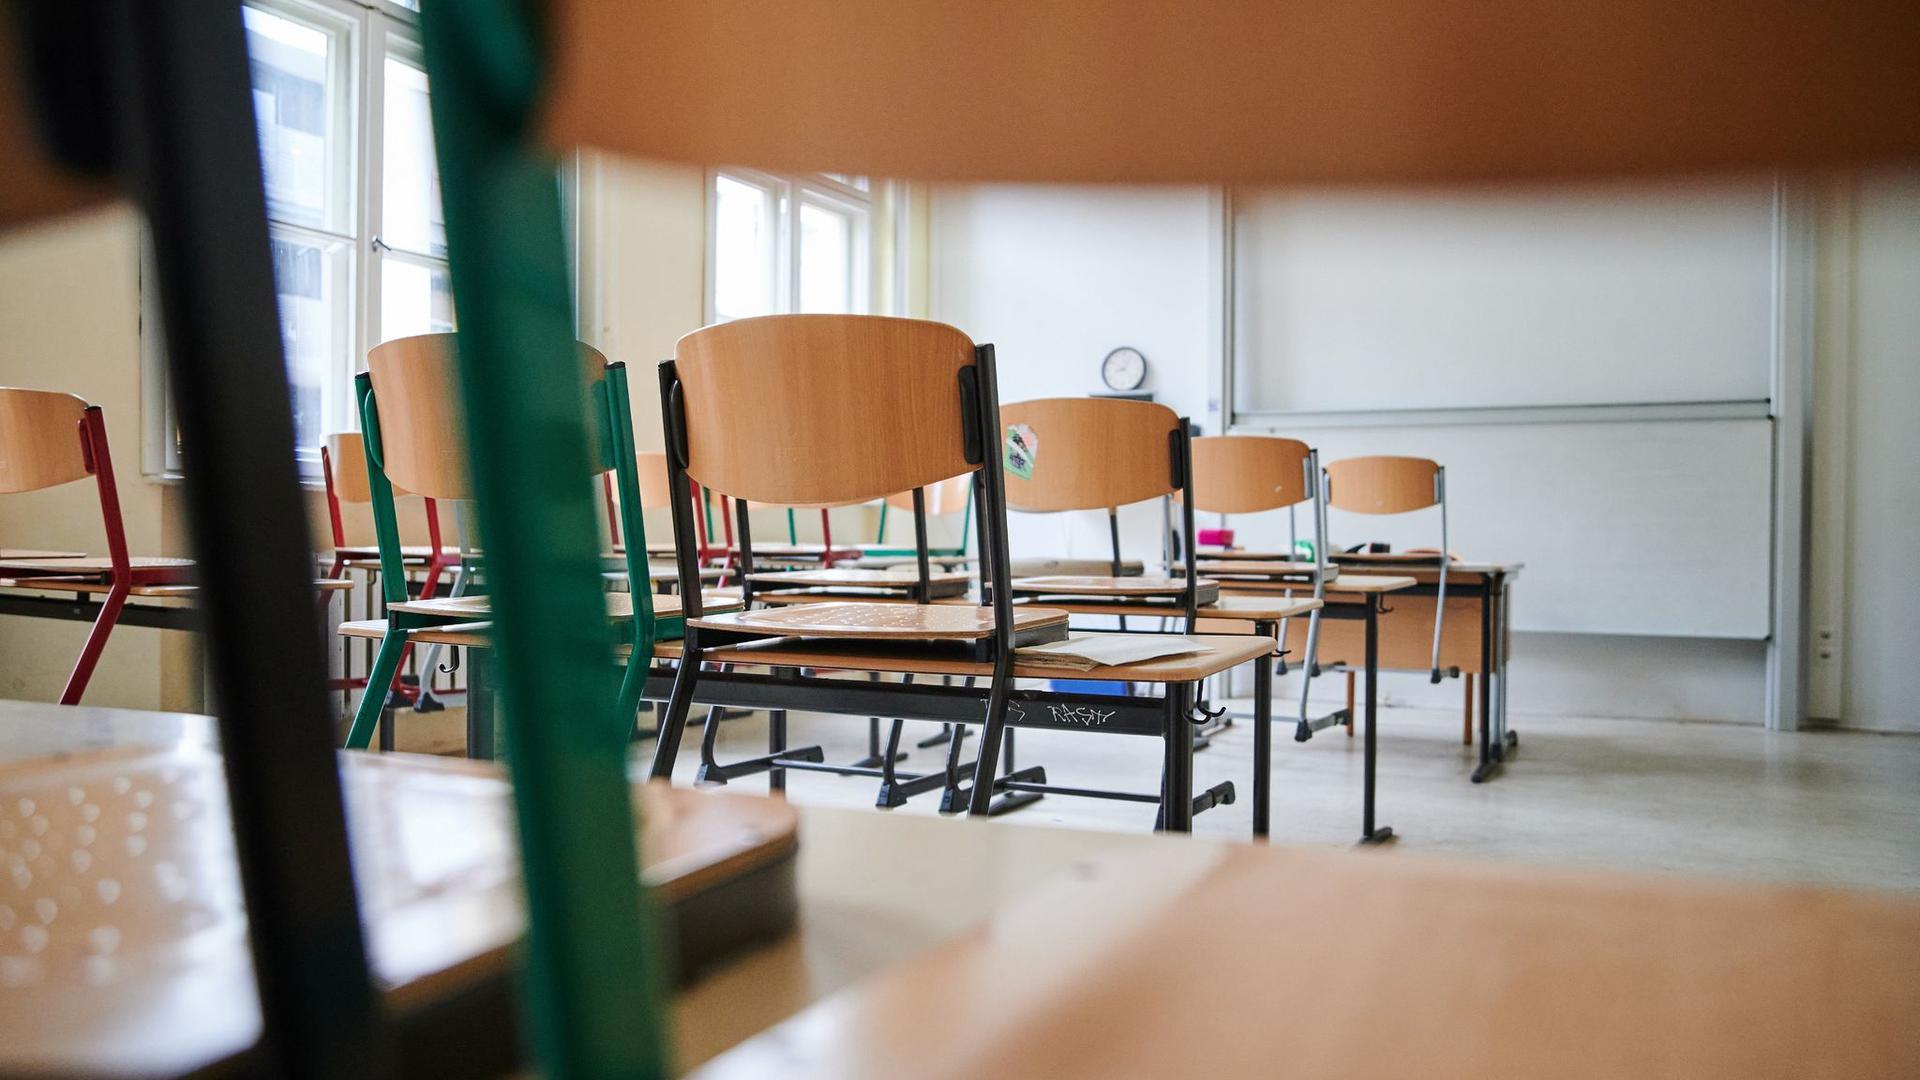 Leere Klassenzimmer - und in einer Berliner Schule jetzt auch leere Schränke: Unbekannte entwendeten dort mehr als 200 Tablets. (Symbolbild)